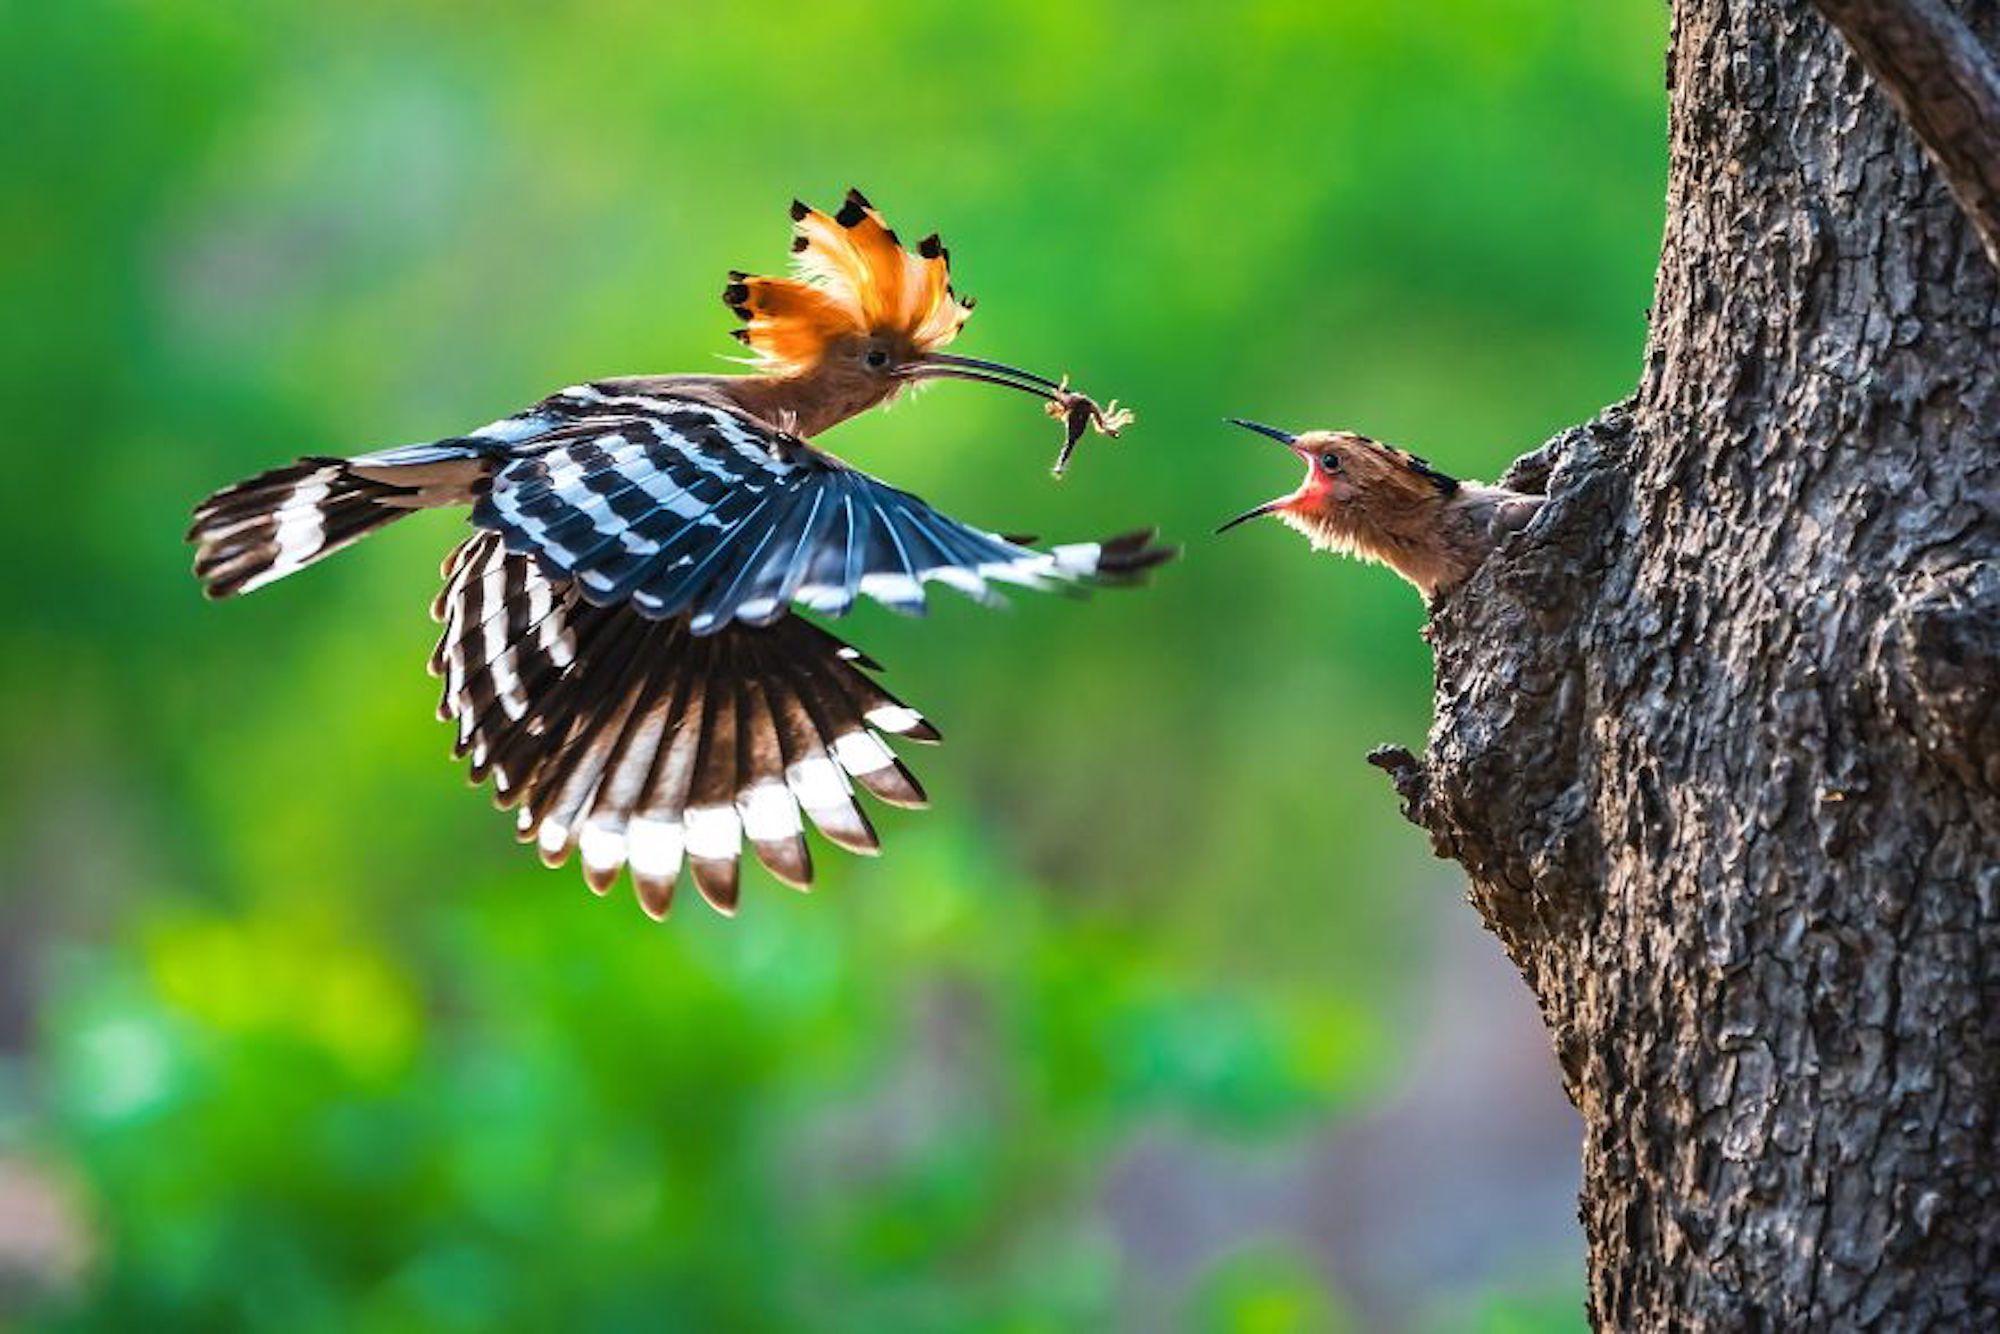 Momento perfeito para esta foto de um pássaro Hoopoe alimentando seus filhotes